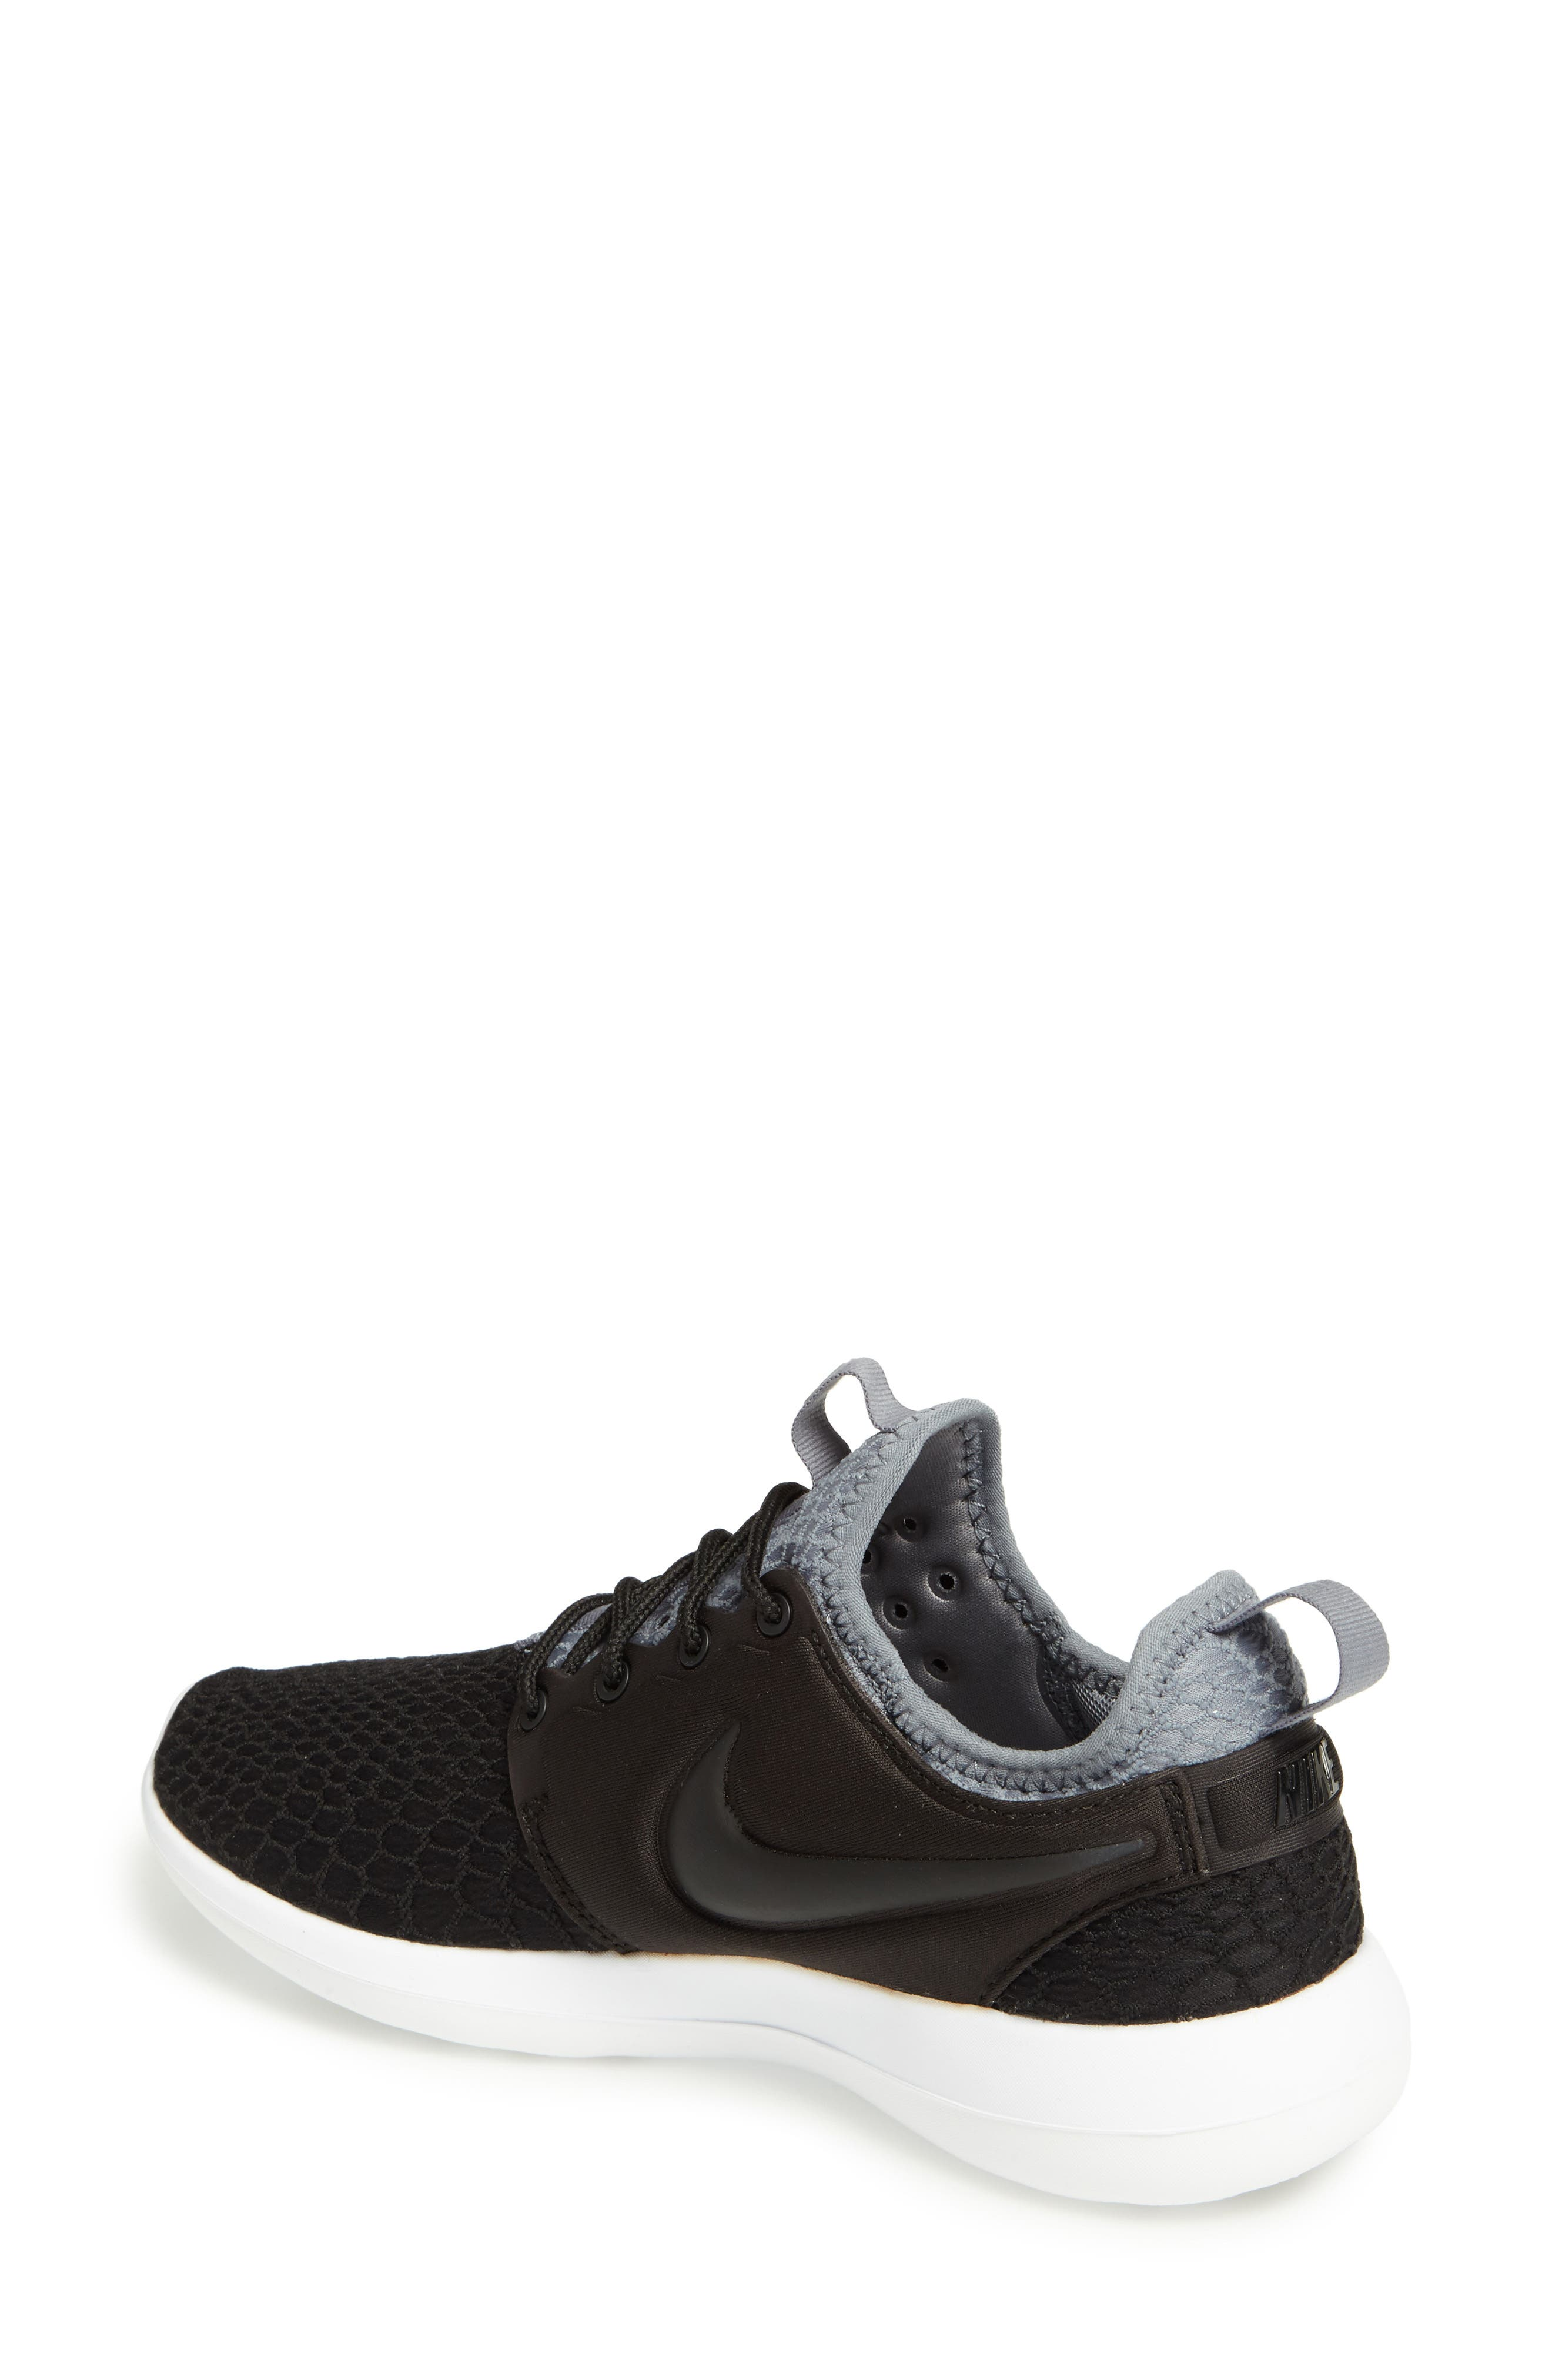 Roshe Two SE Sneaker,                             Alternate thumbnail 2, color,                             001